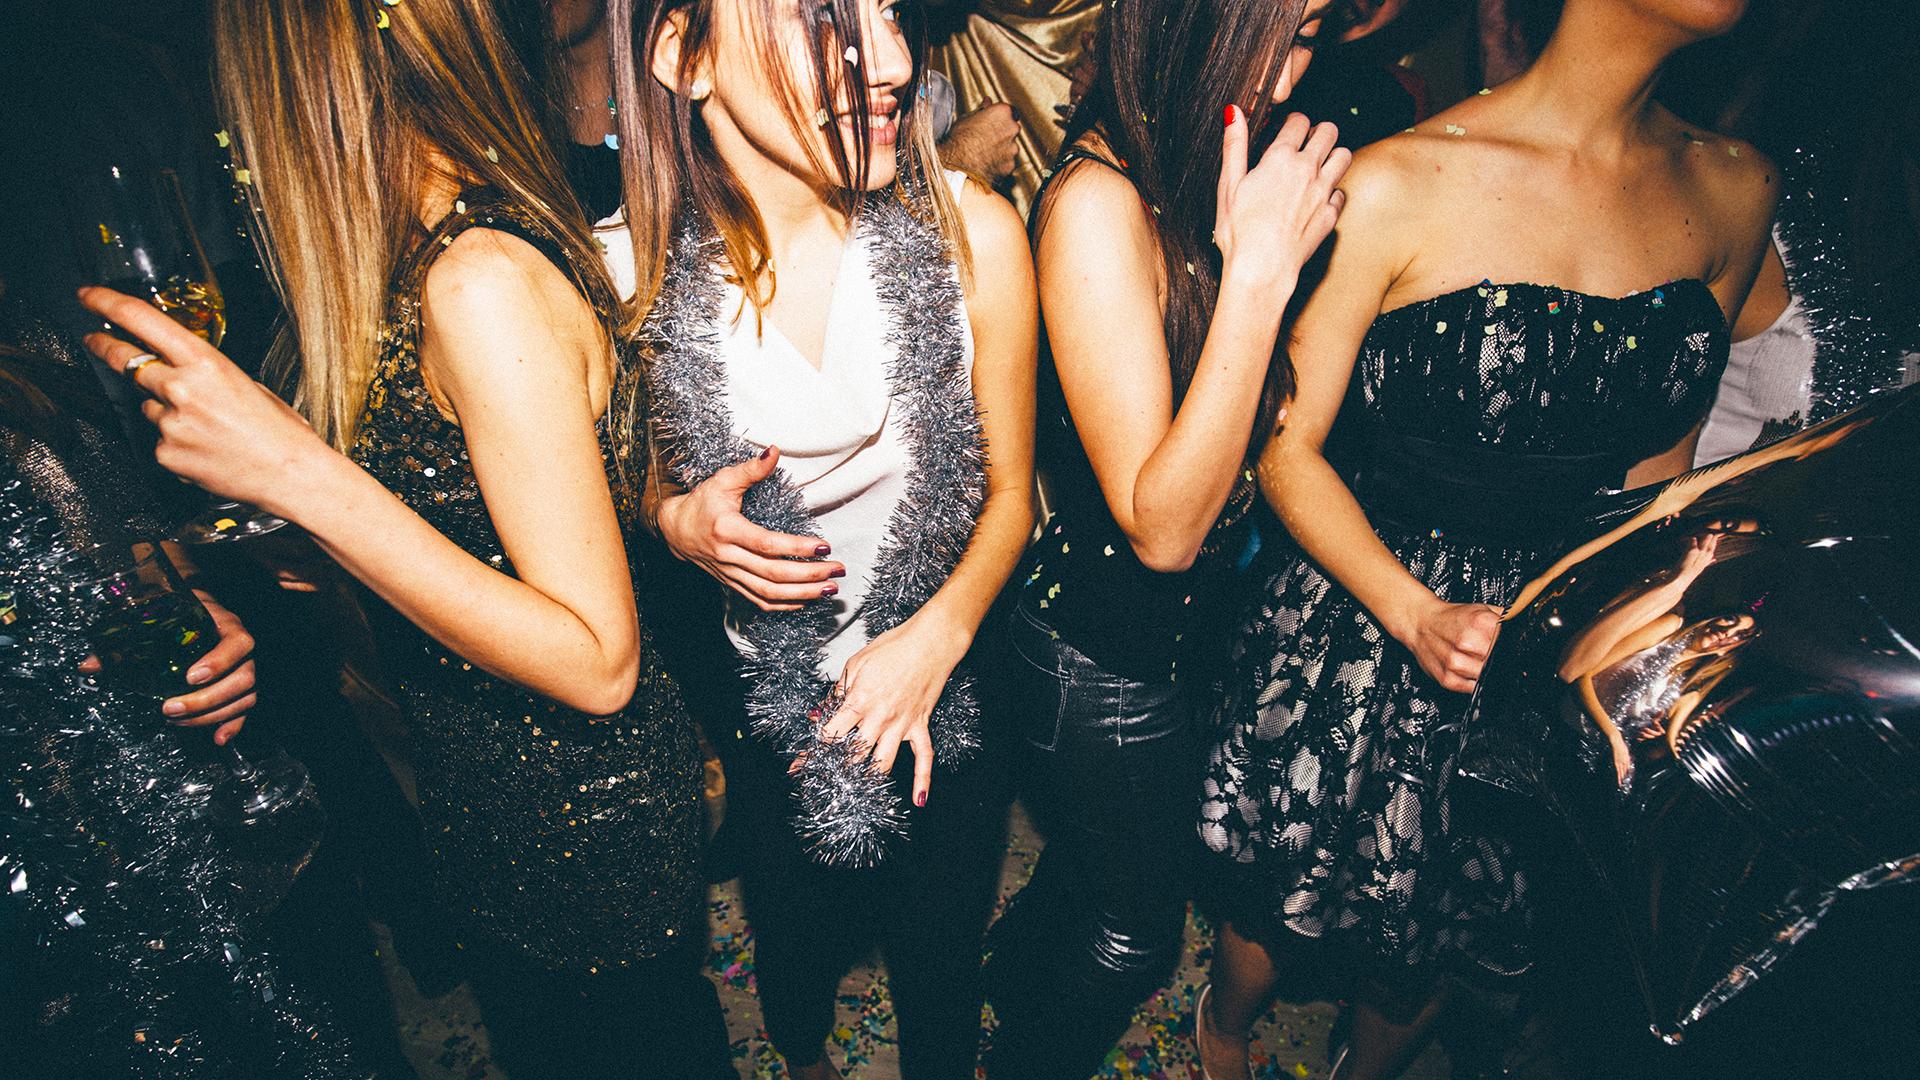 Young Women Girls Night Out